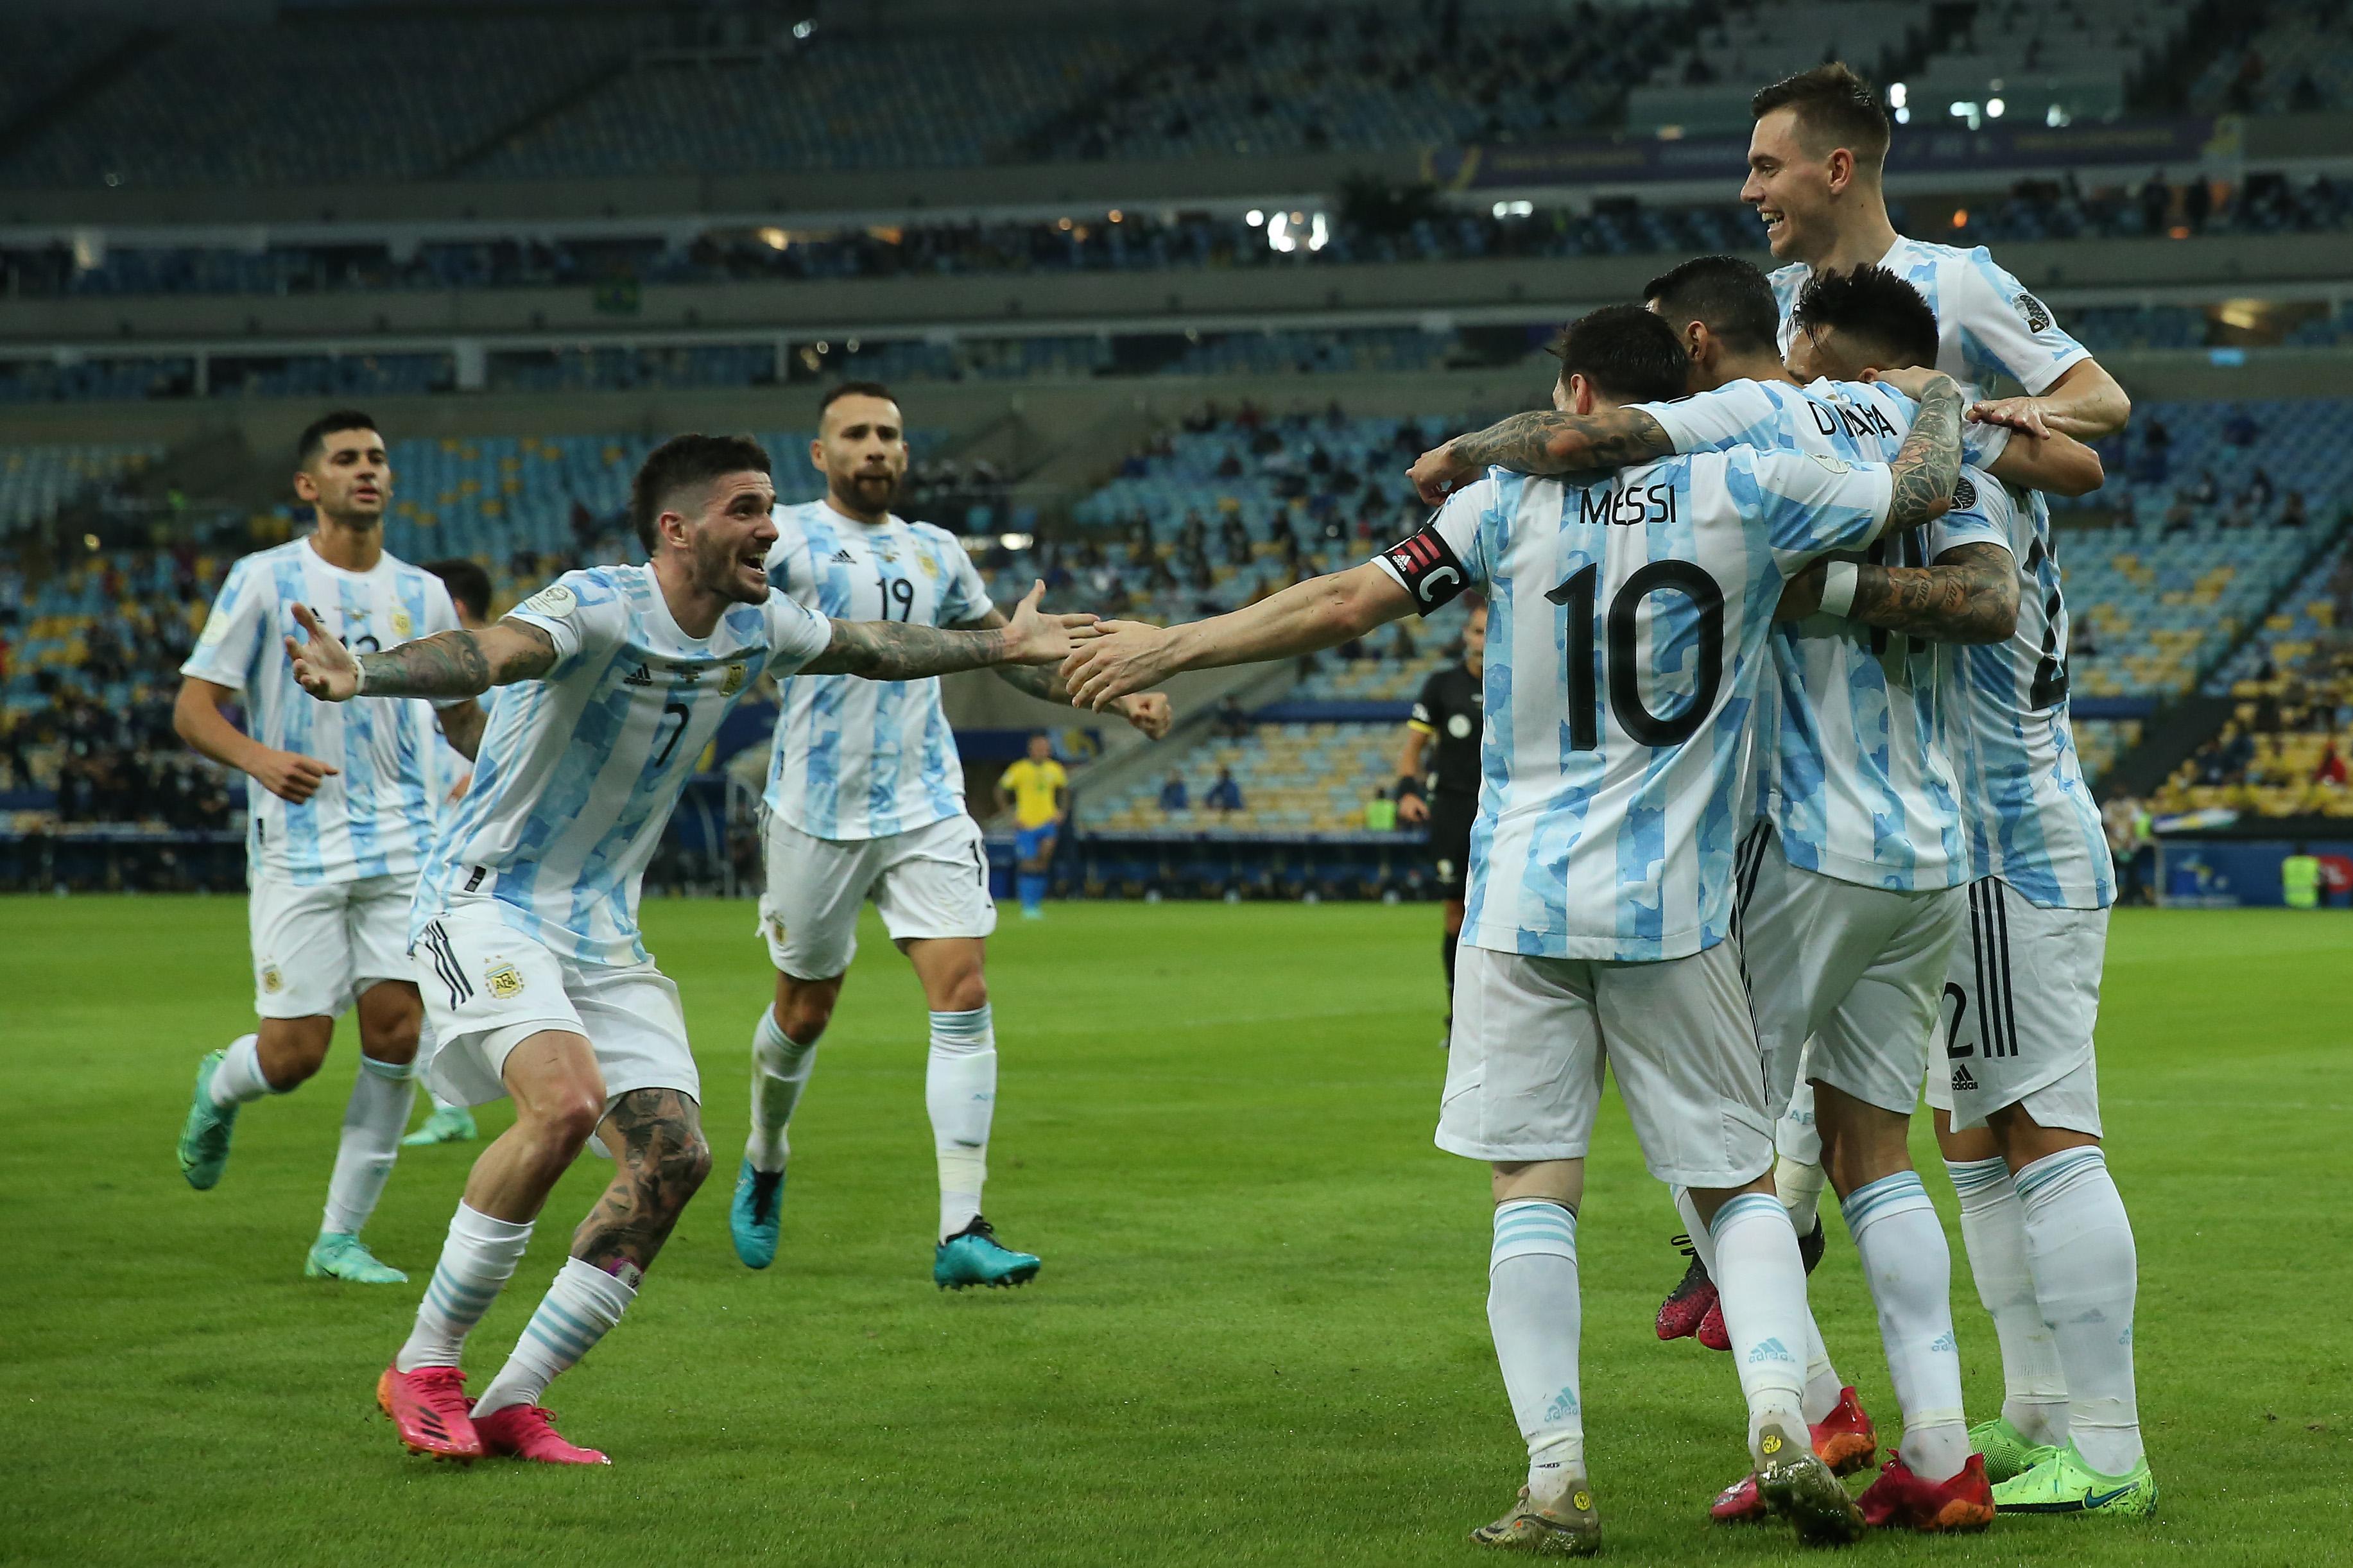 Jogadores da Argentina comemoram o gol de Di María, que garantiu o título da Copa América 2021 sobre o Brasil, no Maracanã -